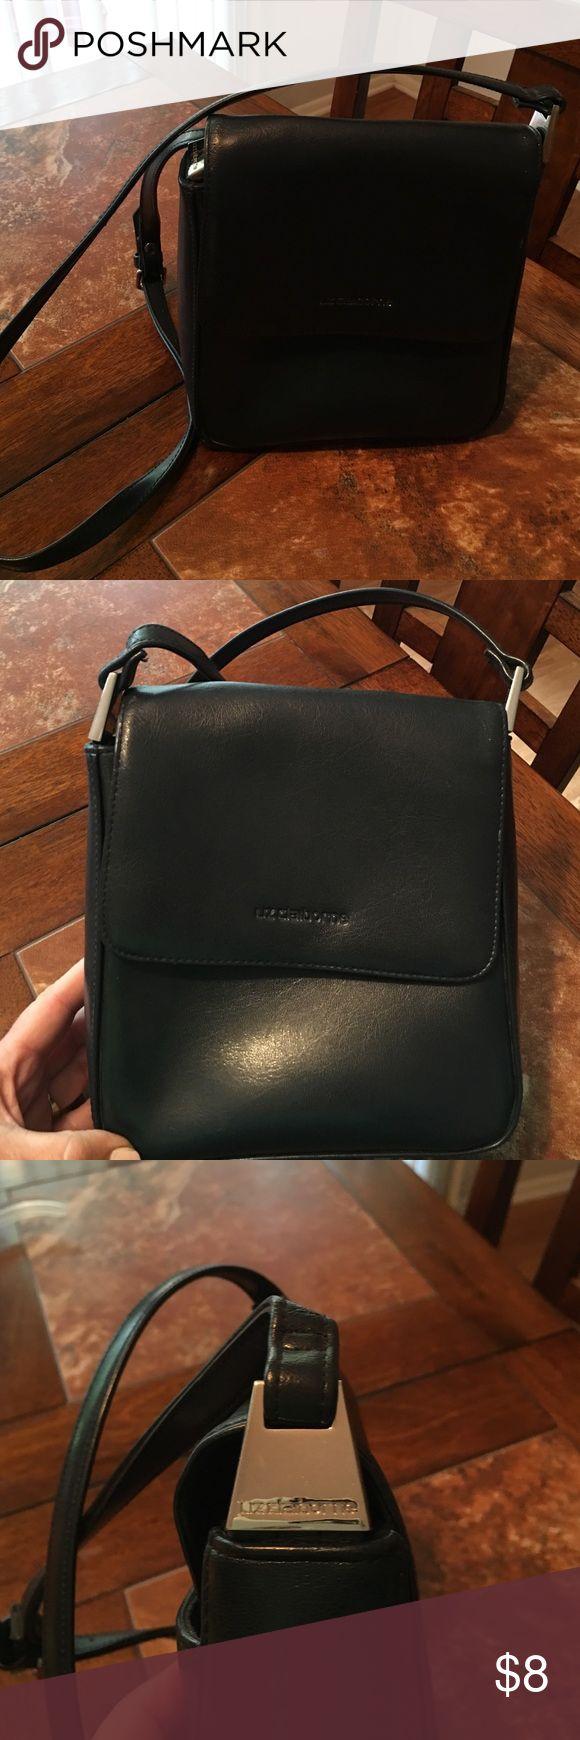 Liz Claiborne faux leather purse Liz Claiborne faux leather purse . Adjustable strap . Like new Liz Claiborne Bags Shoulder Bags